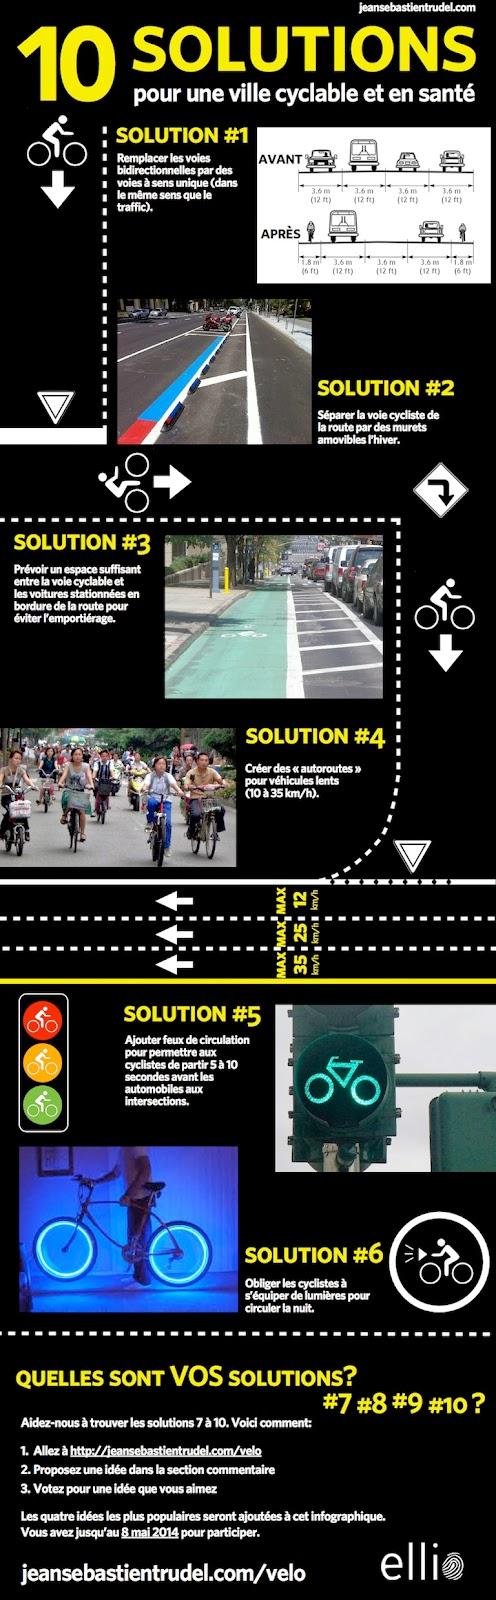 Comment améliorer les infrasctructures urbaines pour favoriser les déplacements à vélos